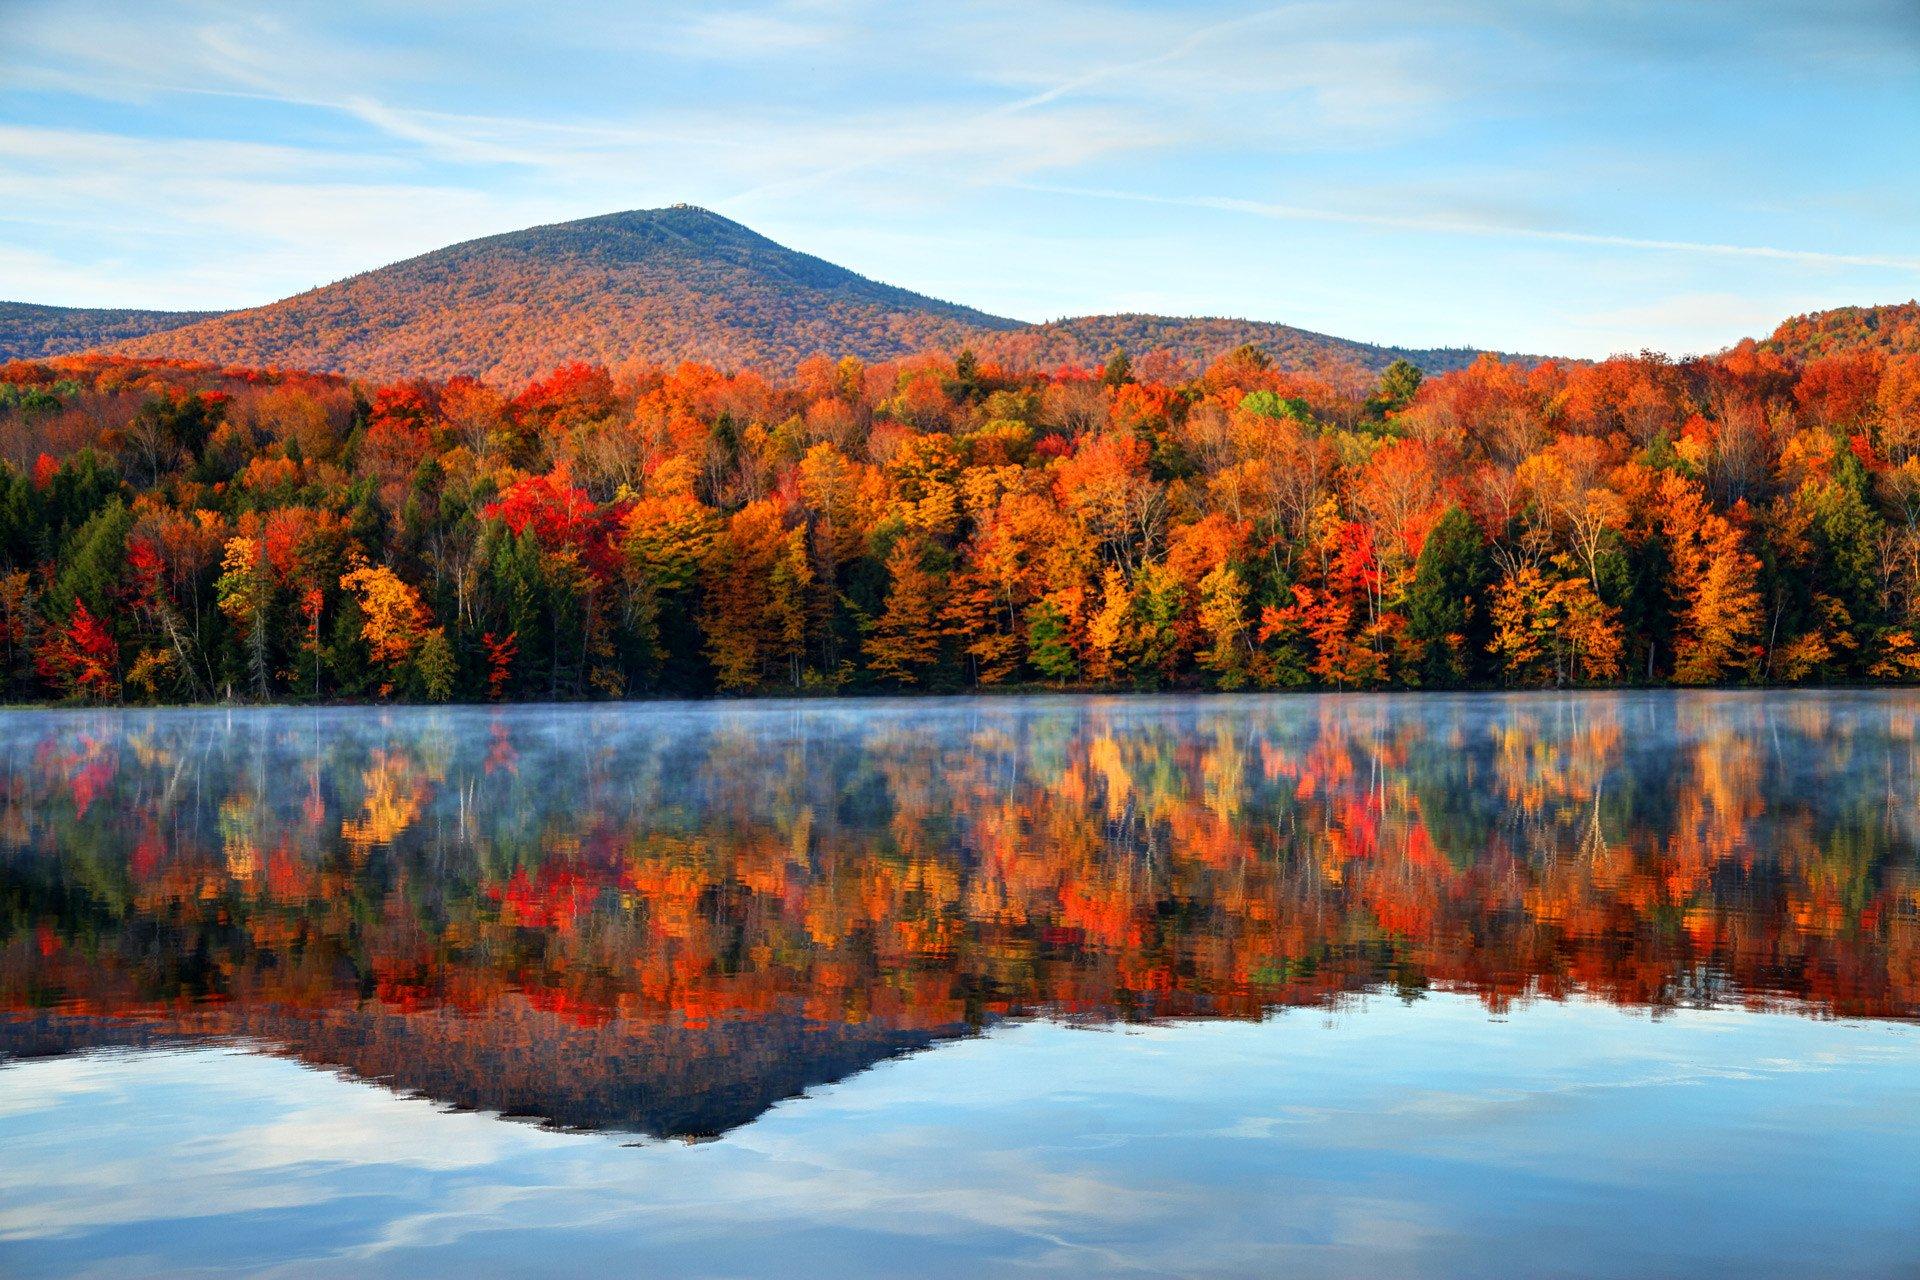 vermont-autumn-landscape-lake